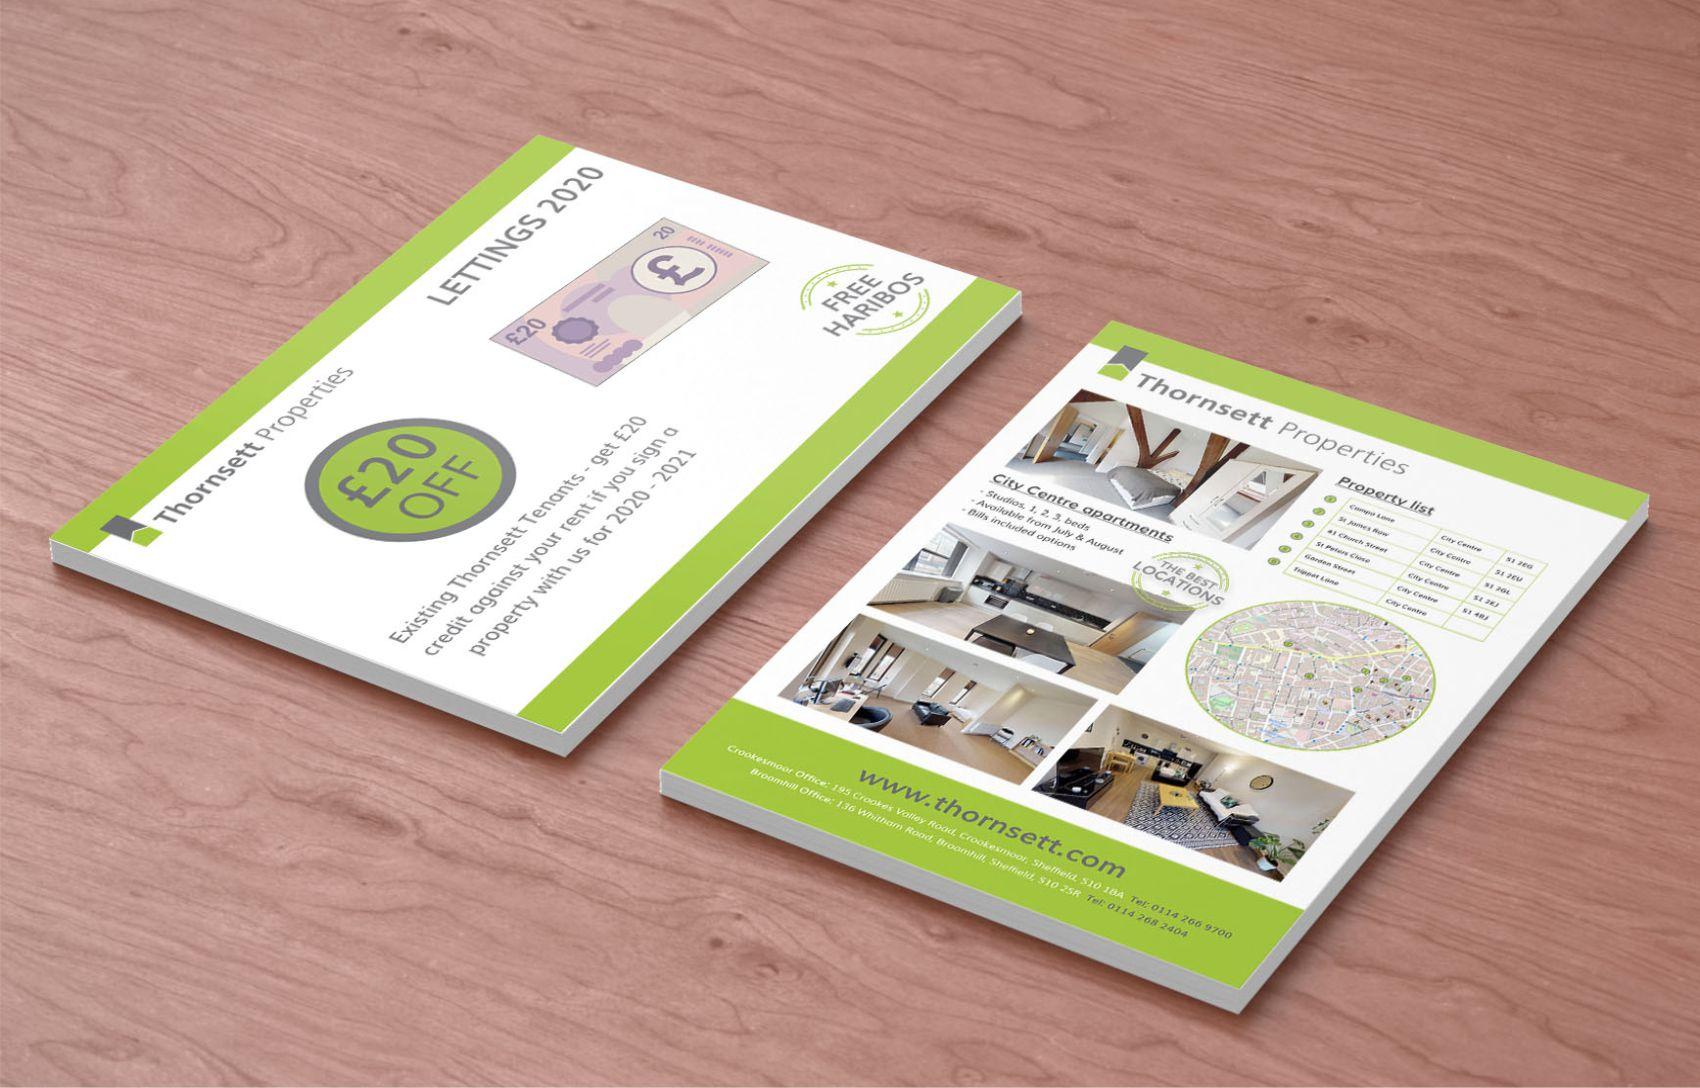 Leaflet-Design-Mockup-Thornsett-Properties